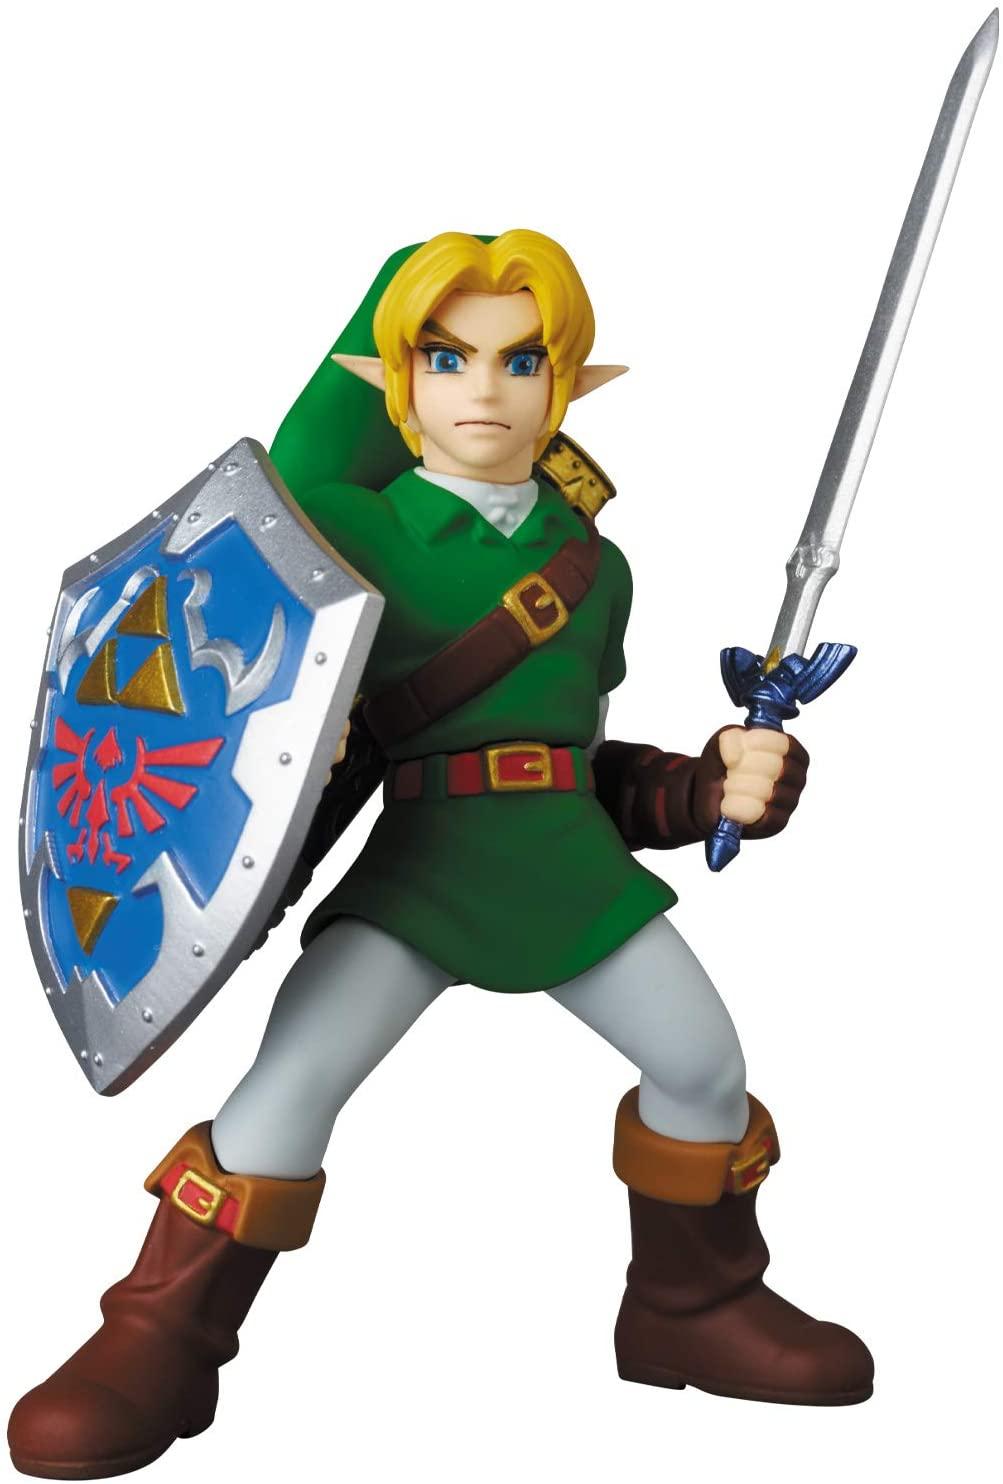 Medicom UDF The Legend of Zelda Link Ocarina of Time 9cm Oficial Licenciado